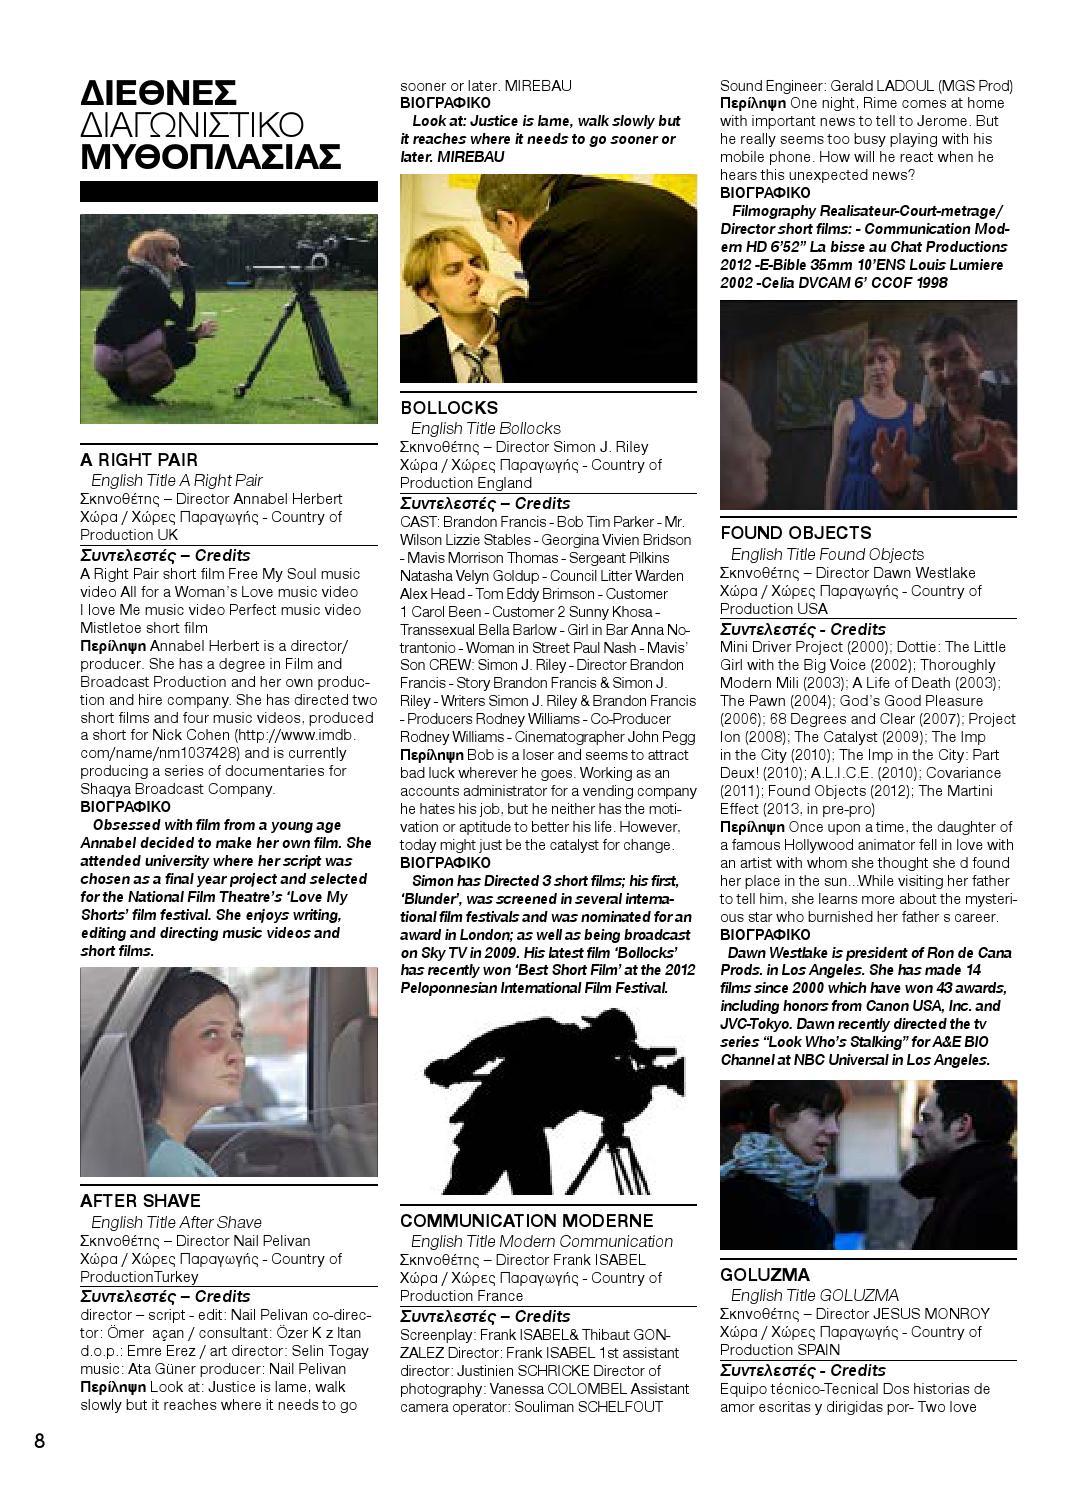 3ο Φεστιβάλ Ψηφιακού Κινηματογράφου Αθήνας AIDFF Κατάλογος